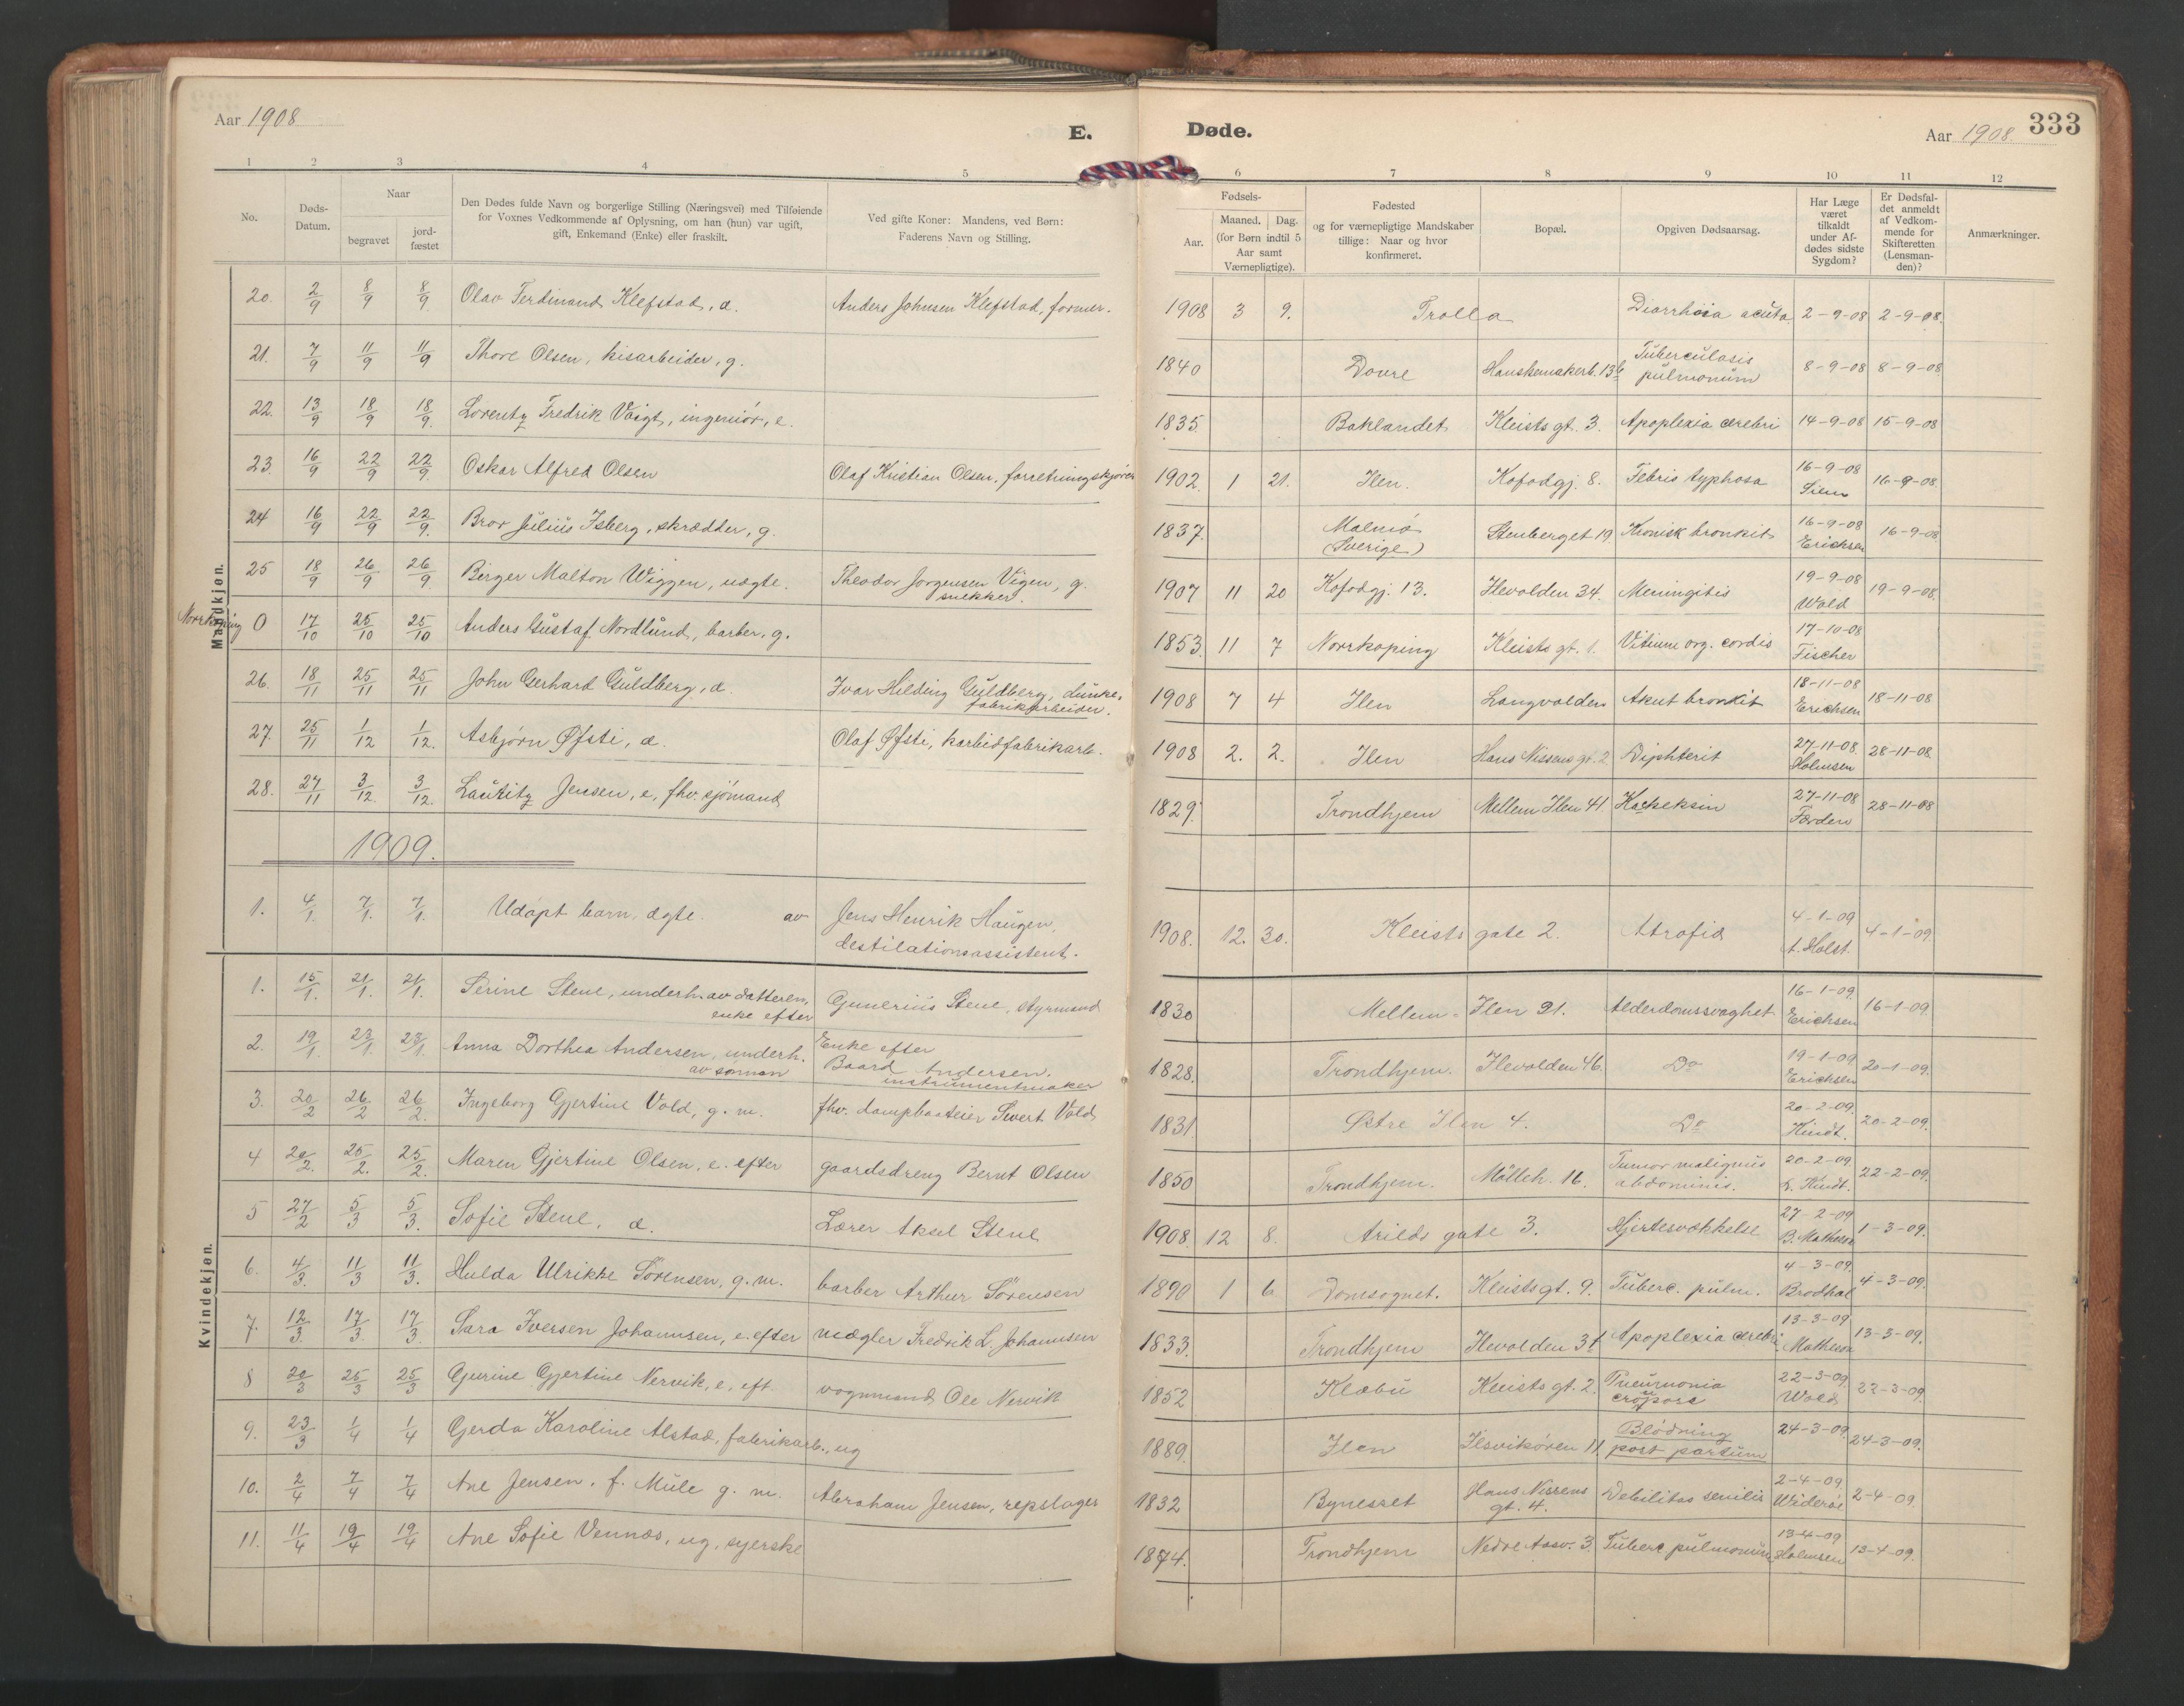 SAT, Ministerialprotokoller, klokkerbøker og fødselsregistre - Sør-Trøndelag, 603/L0173: Klokkerbok nr. 603C01, 1907-1962, s. 333